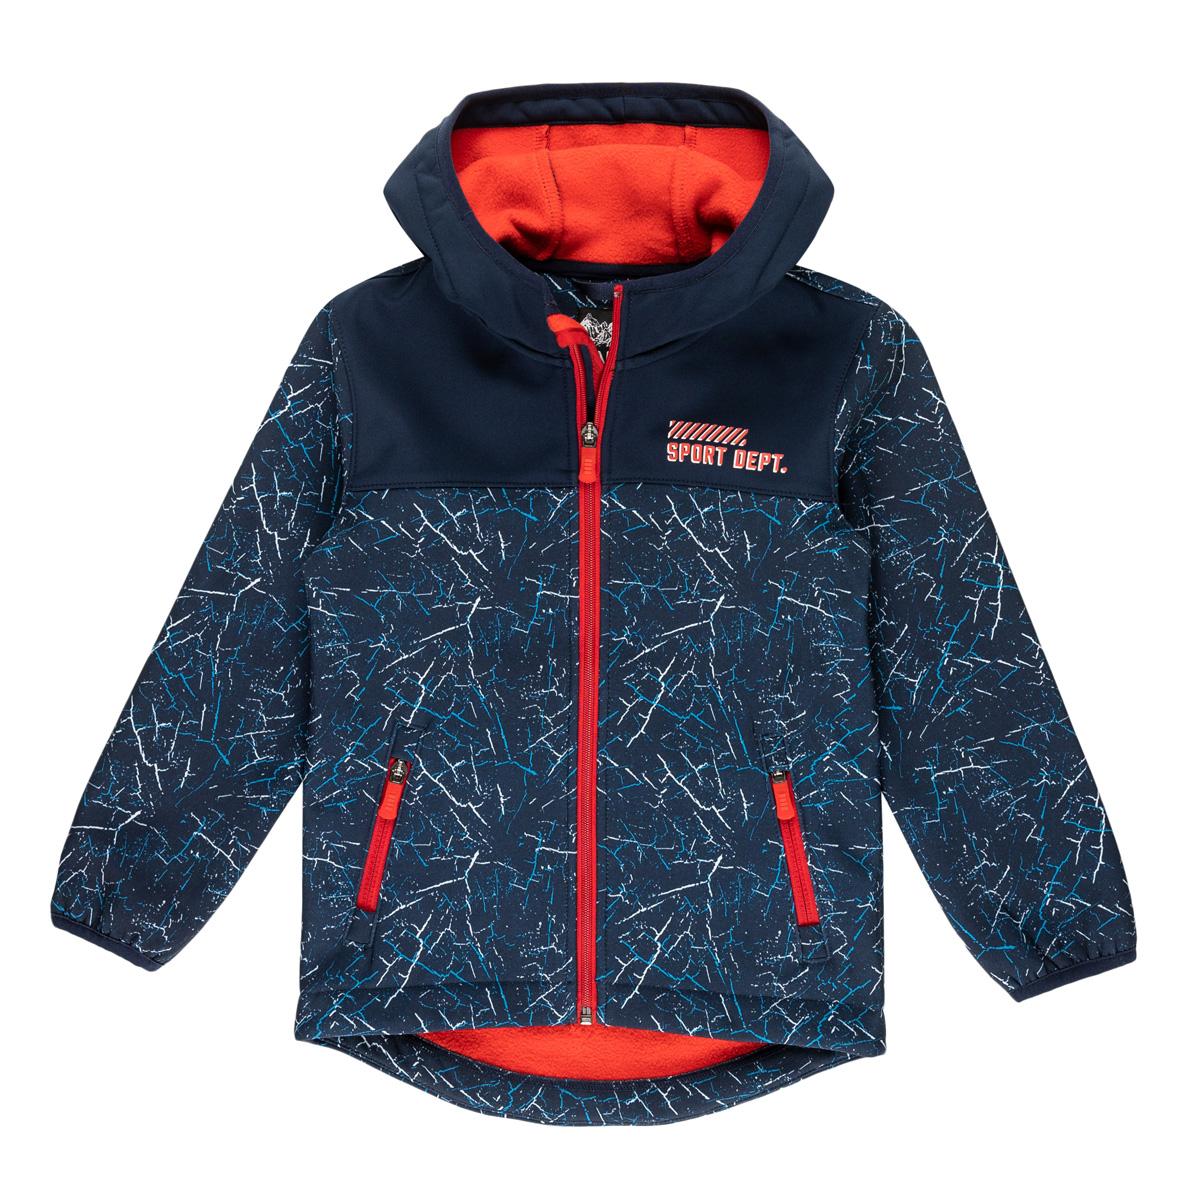 Fantovska jakna, temno modra